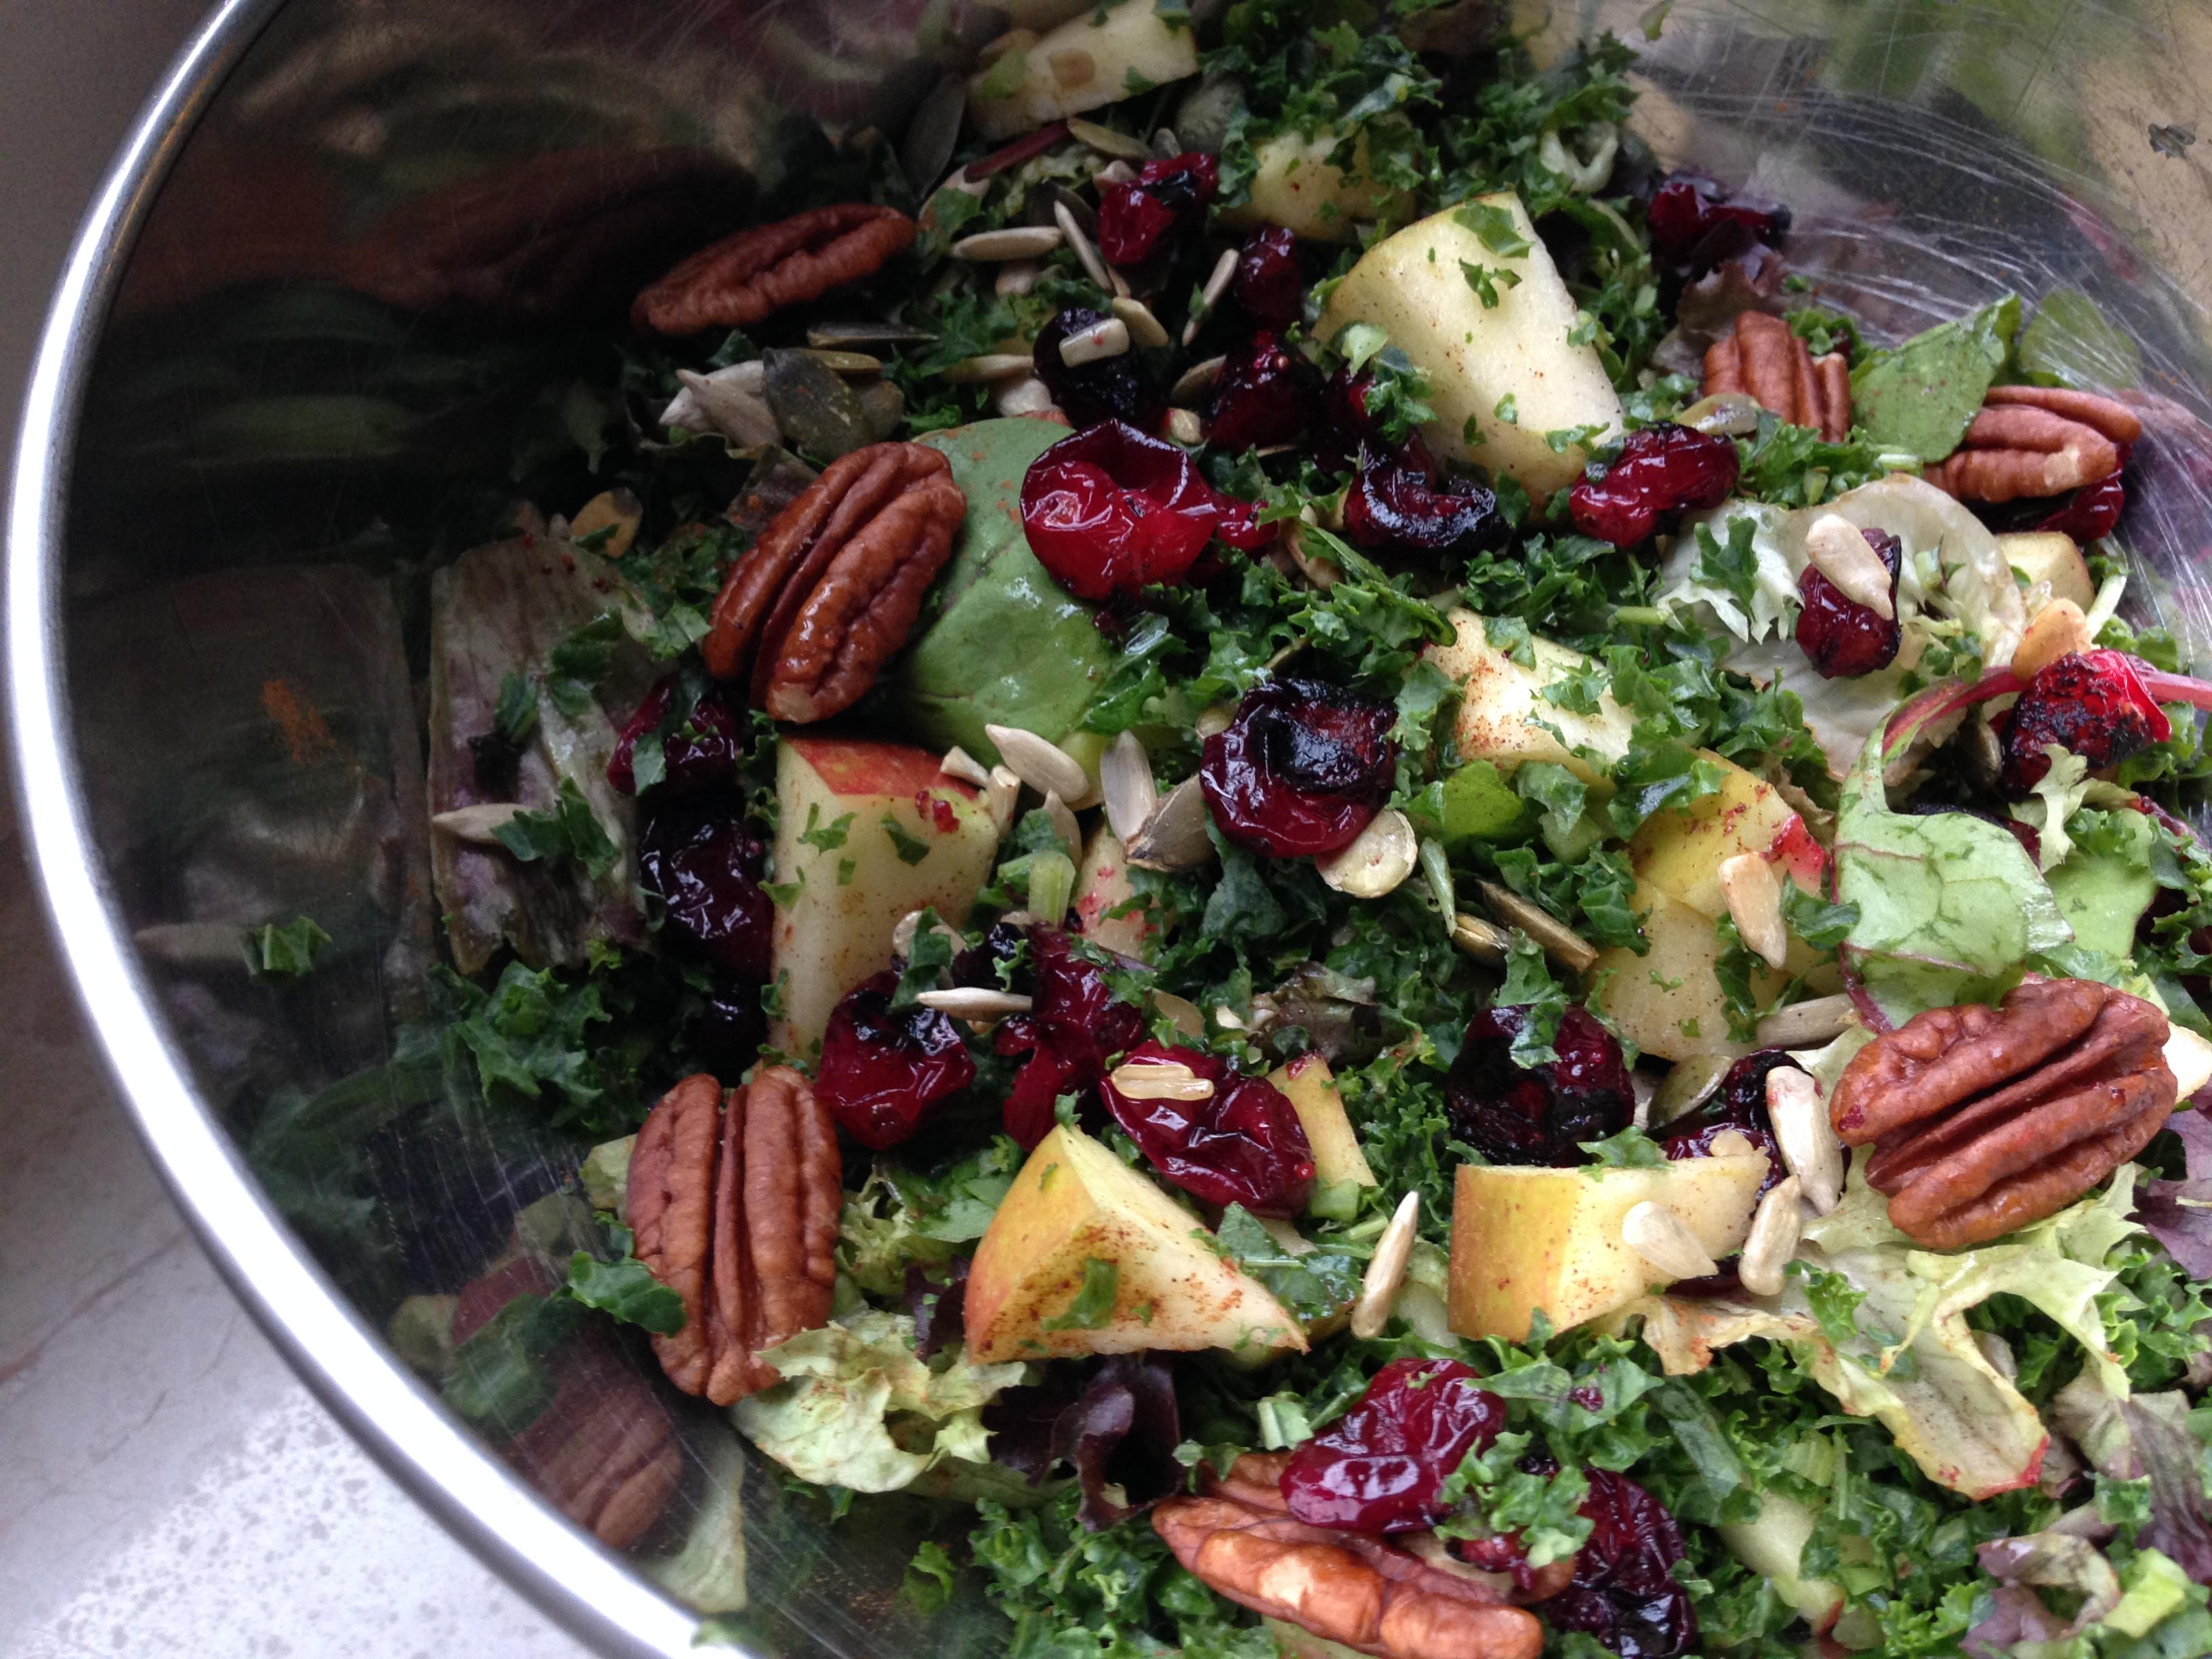 Boerenkool salade met appel en cranberries - kerst recept